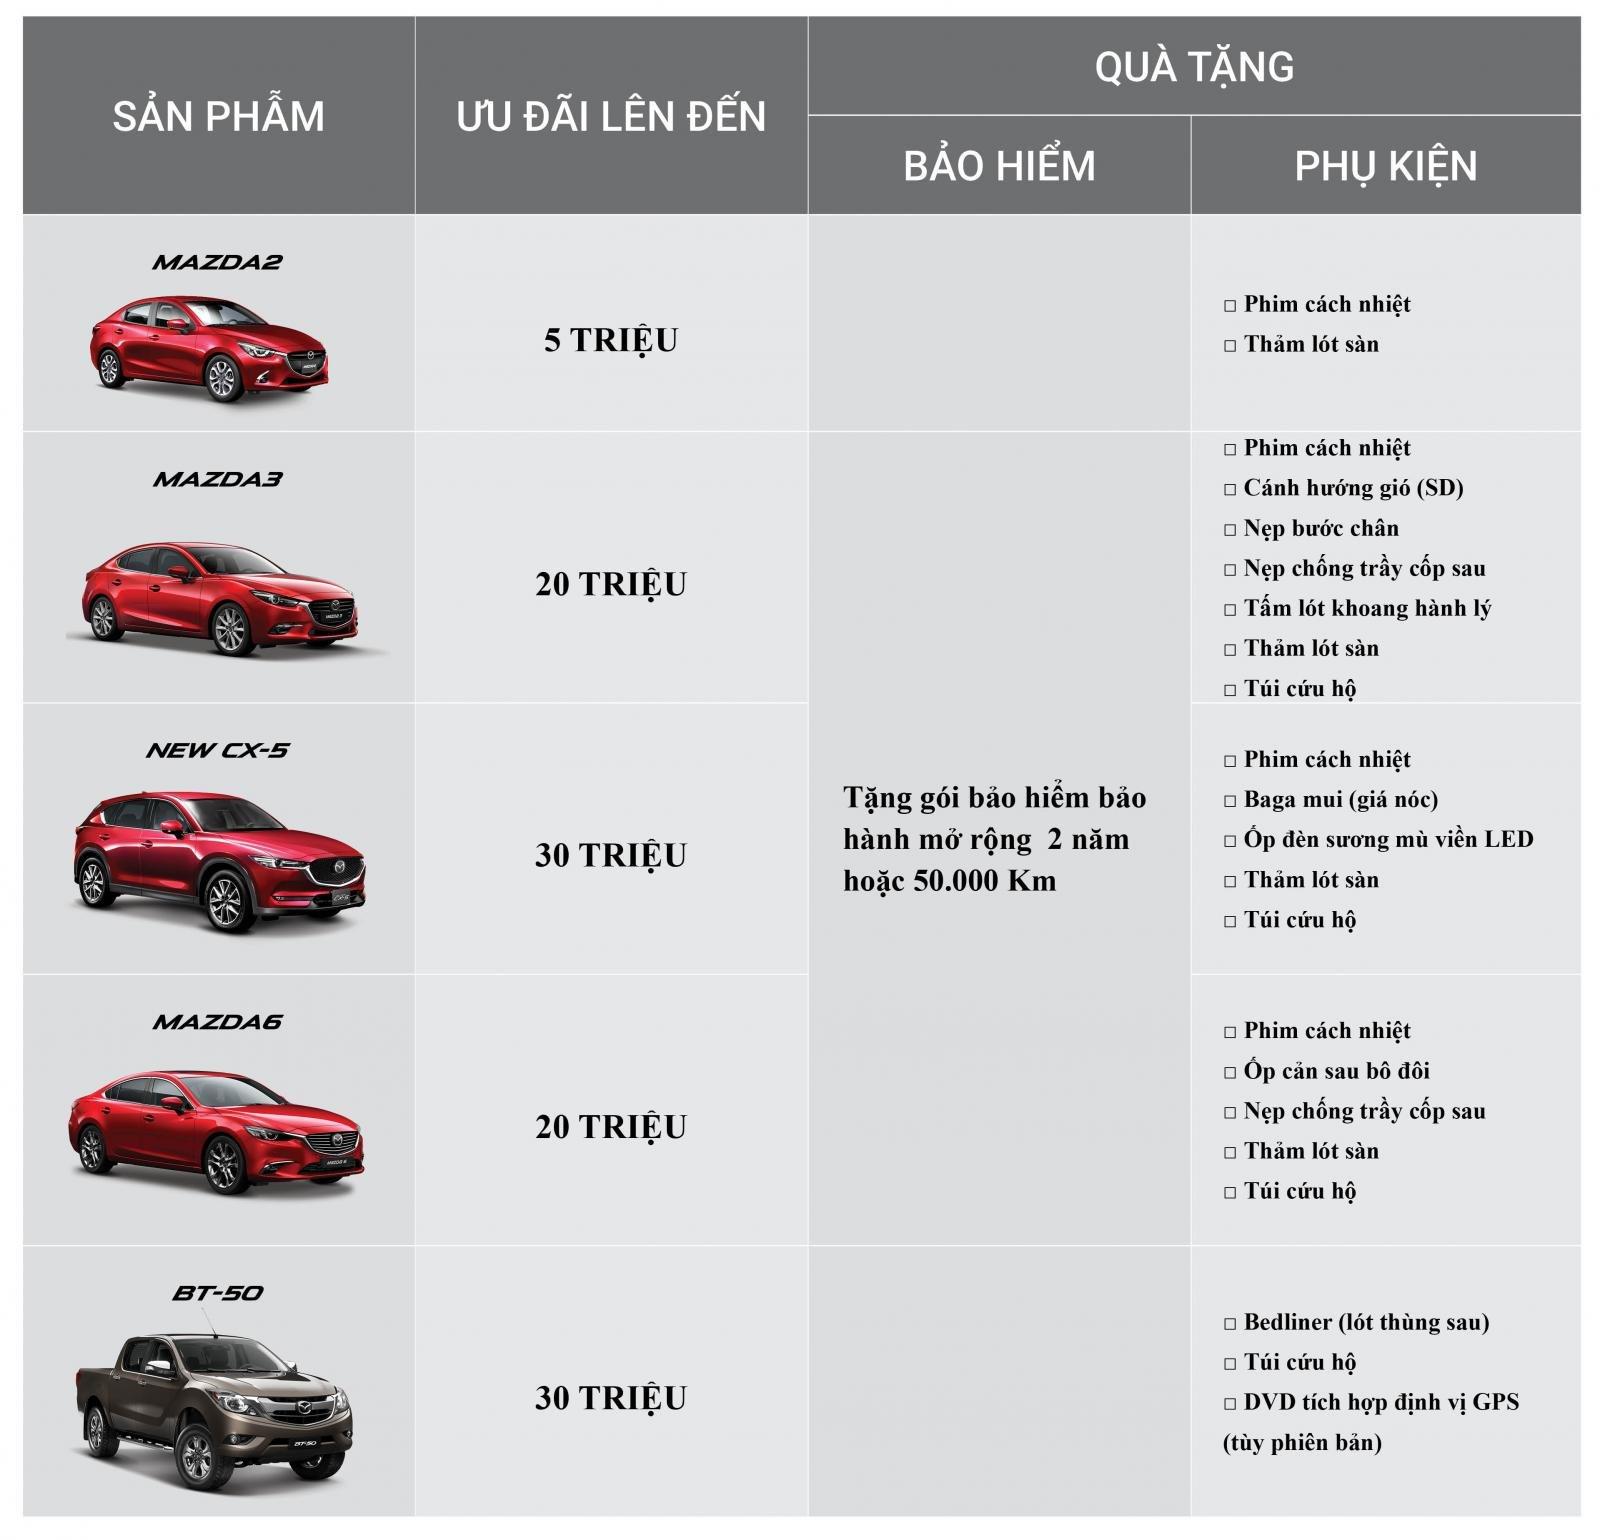 Tháng 12/2018, tất cả xe Mazda được giảm giá cao nhất đến 30 triệu đồng a8